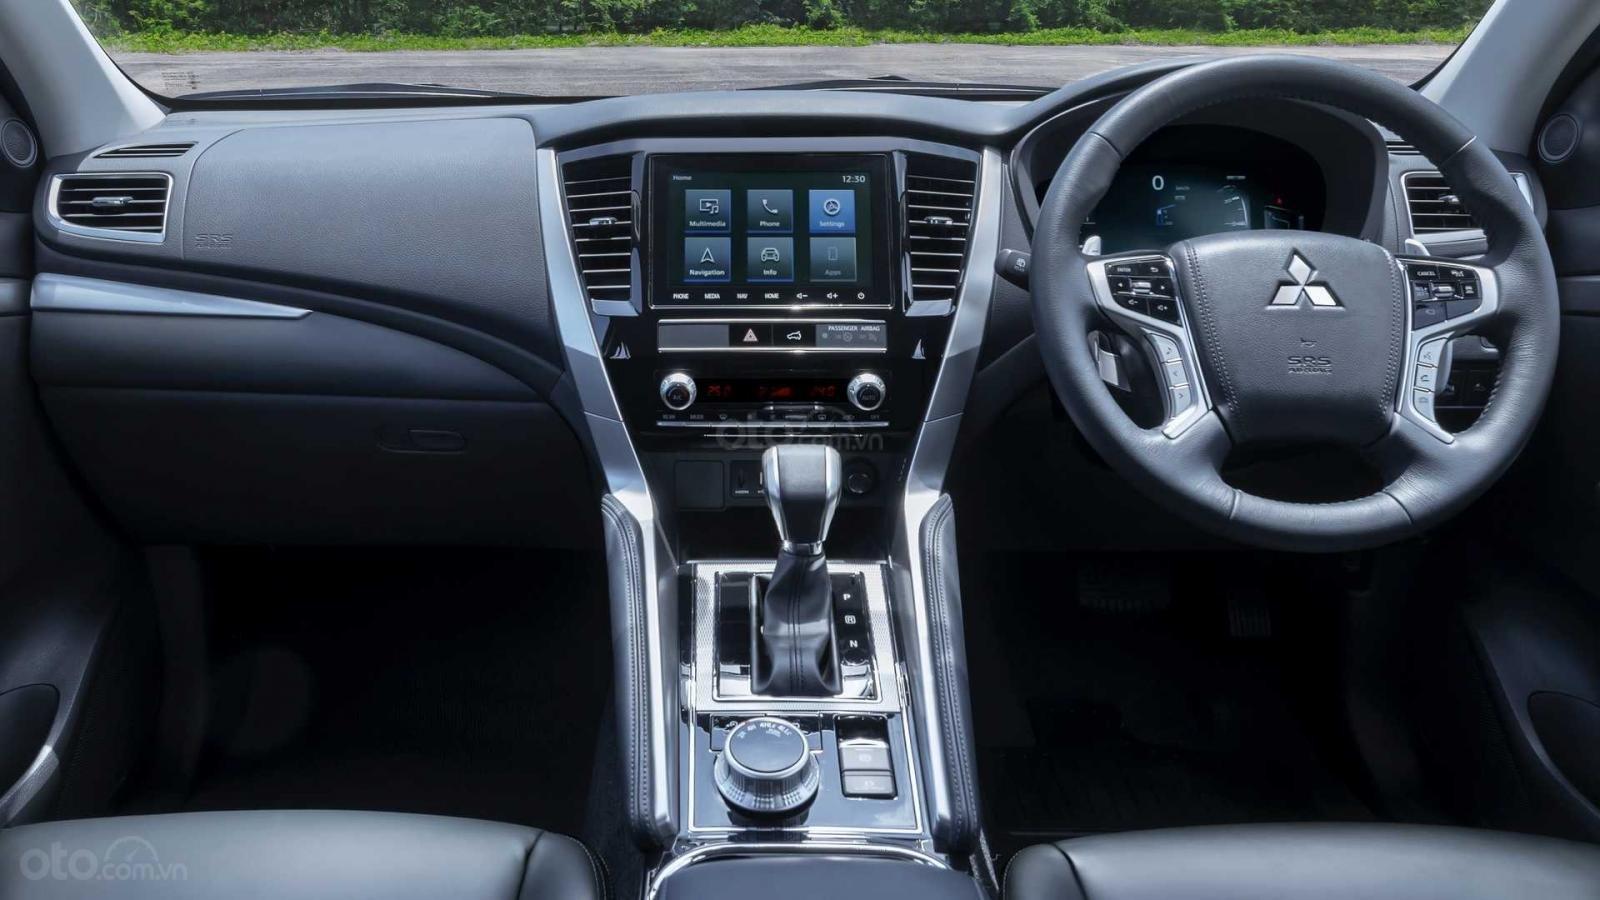 Nhìn nhanh điểm mới của Mitsubishi Pajero Sport 2020 so với bản cũ qua ảnh a17